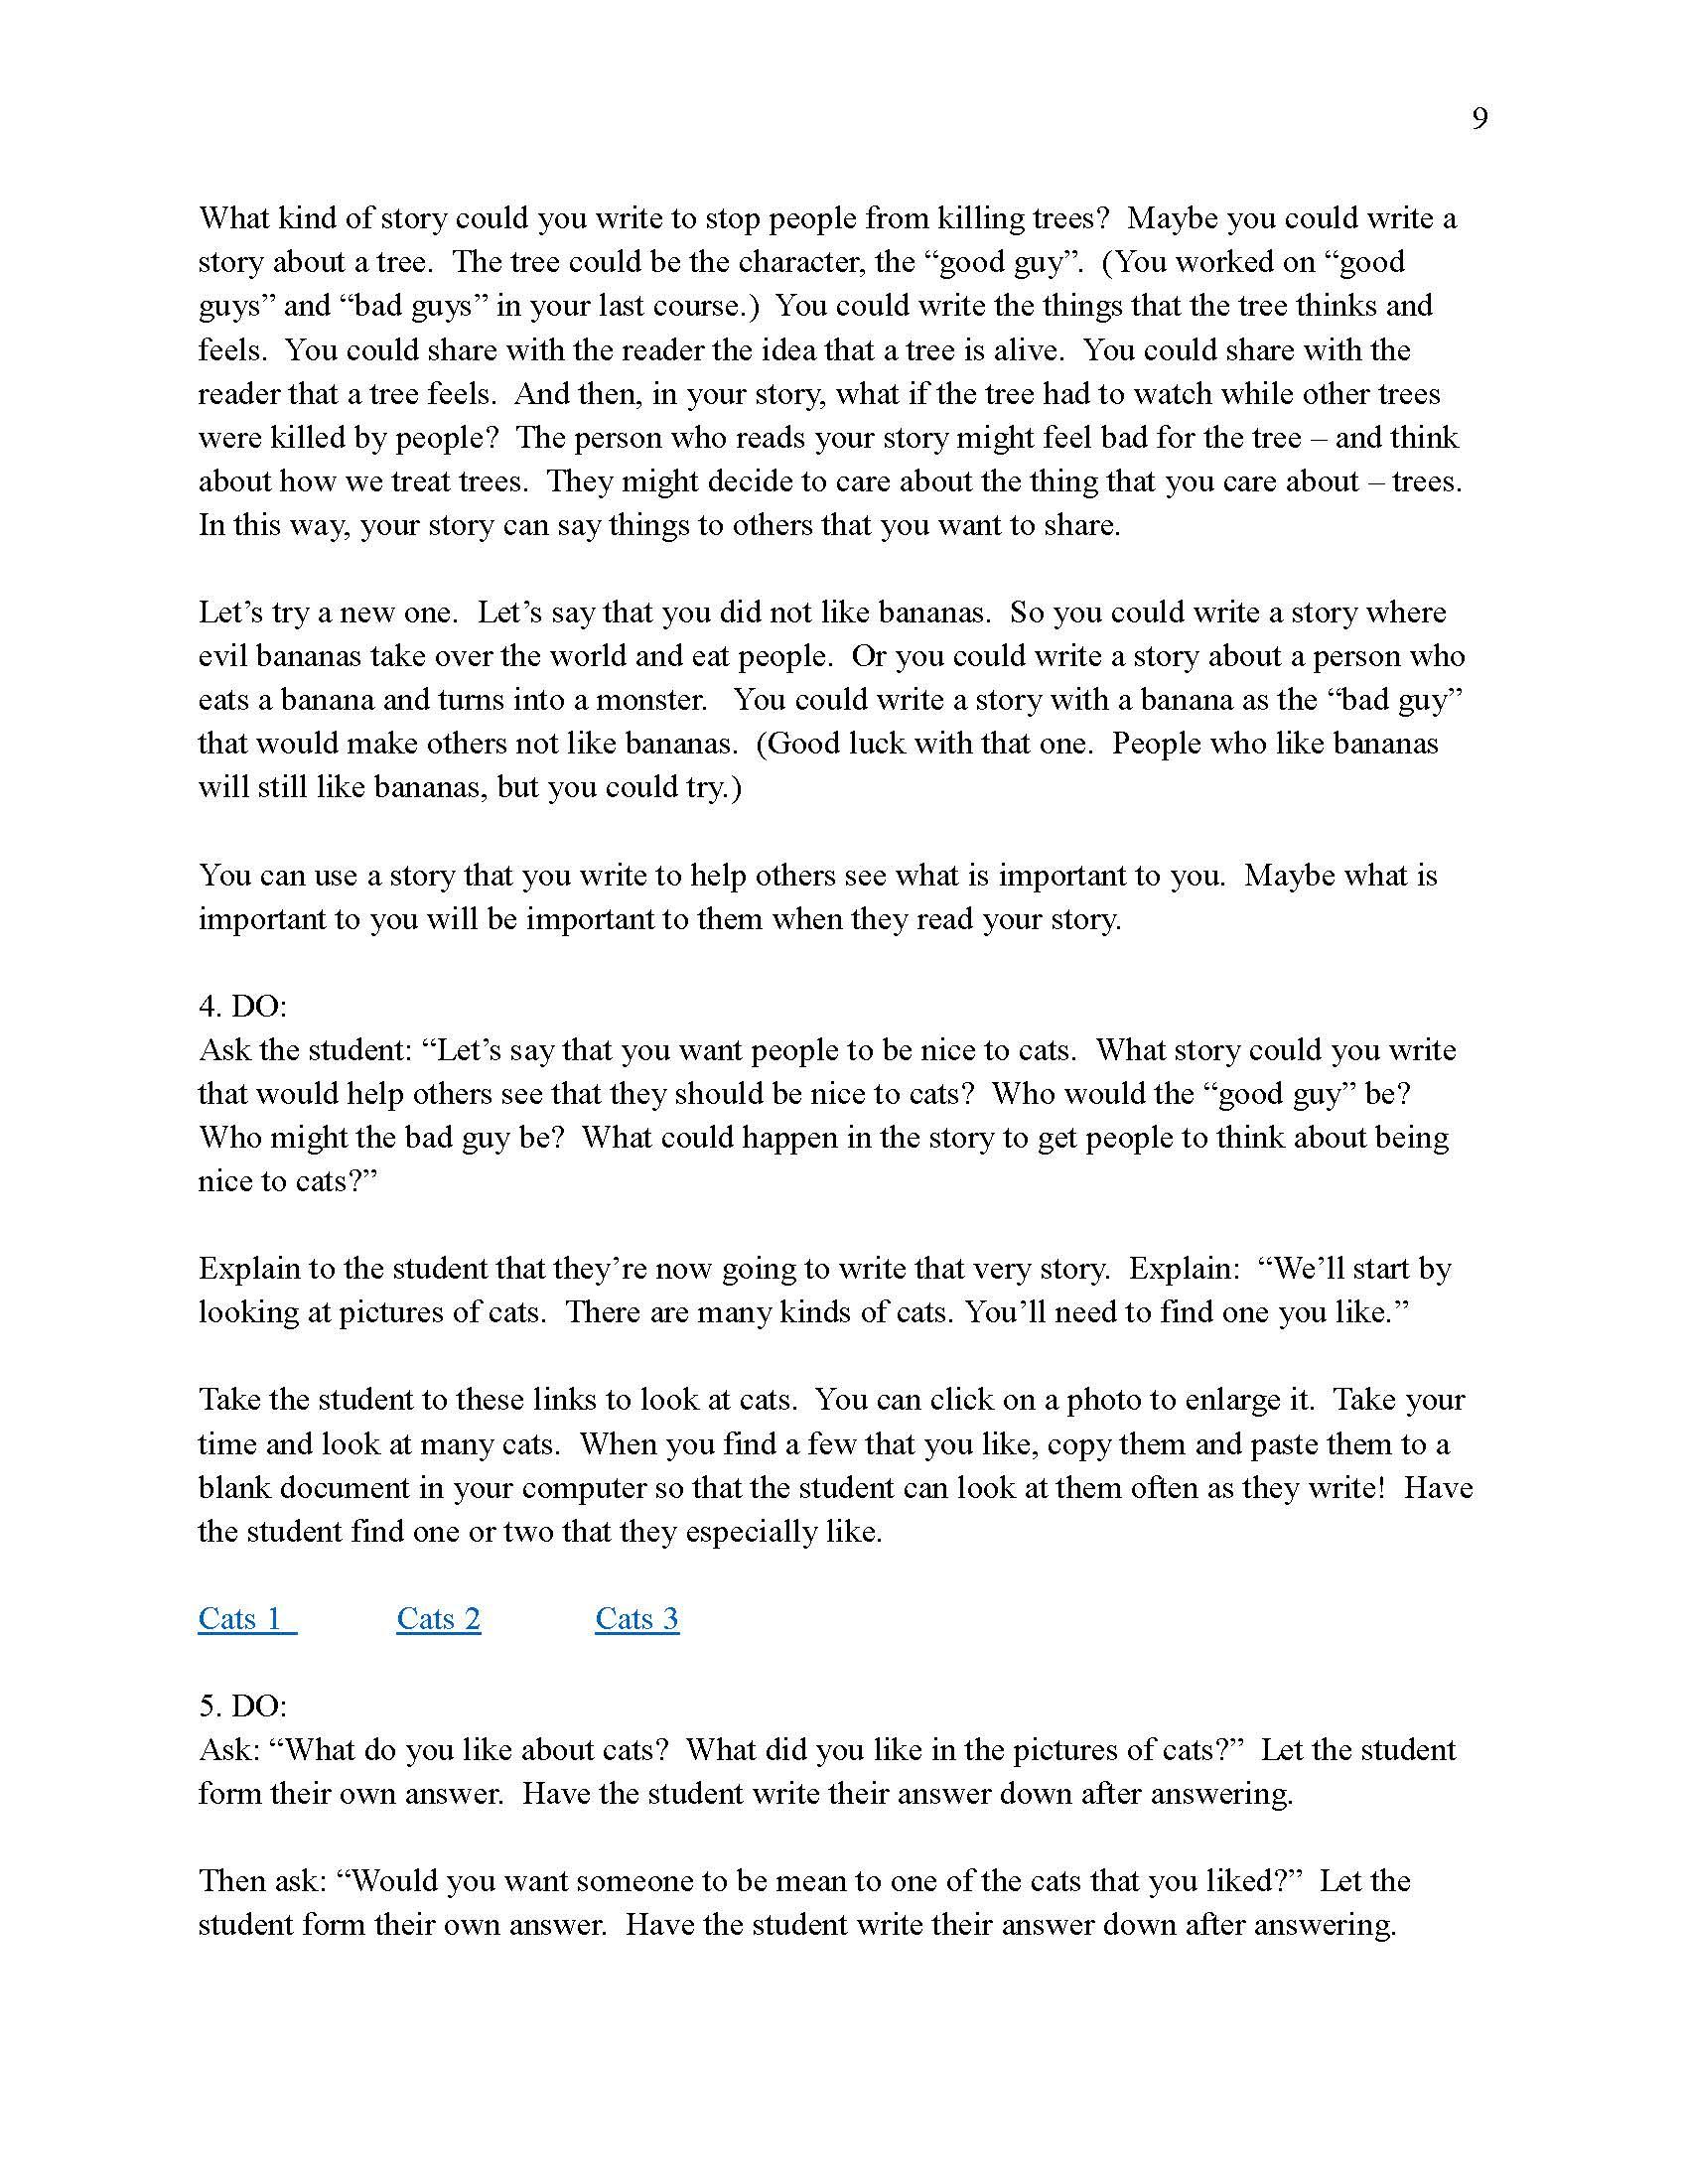 Step 1 Creative Writing 4_Page_010.jpg